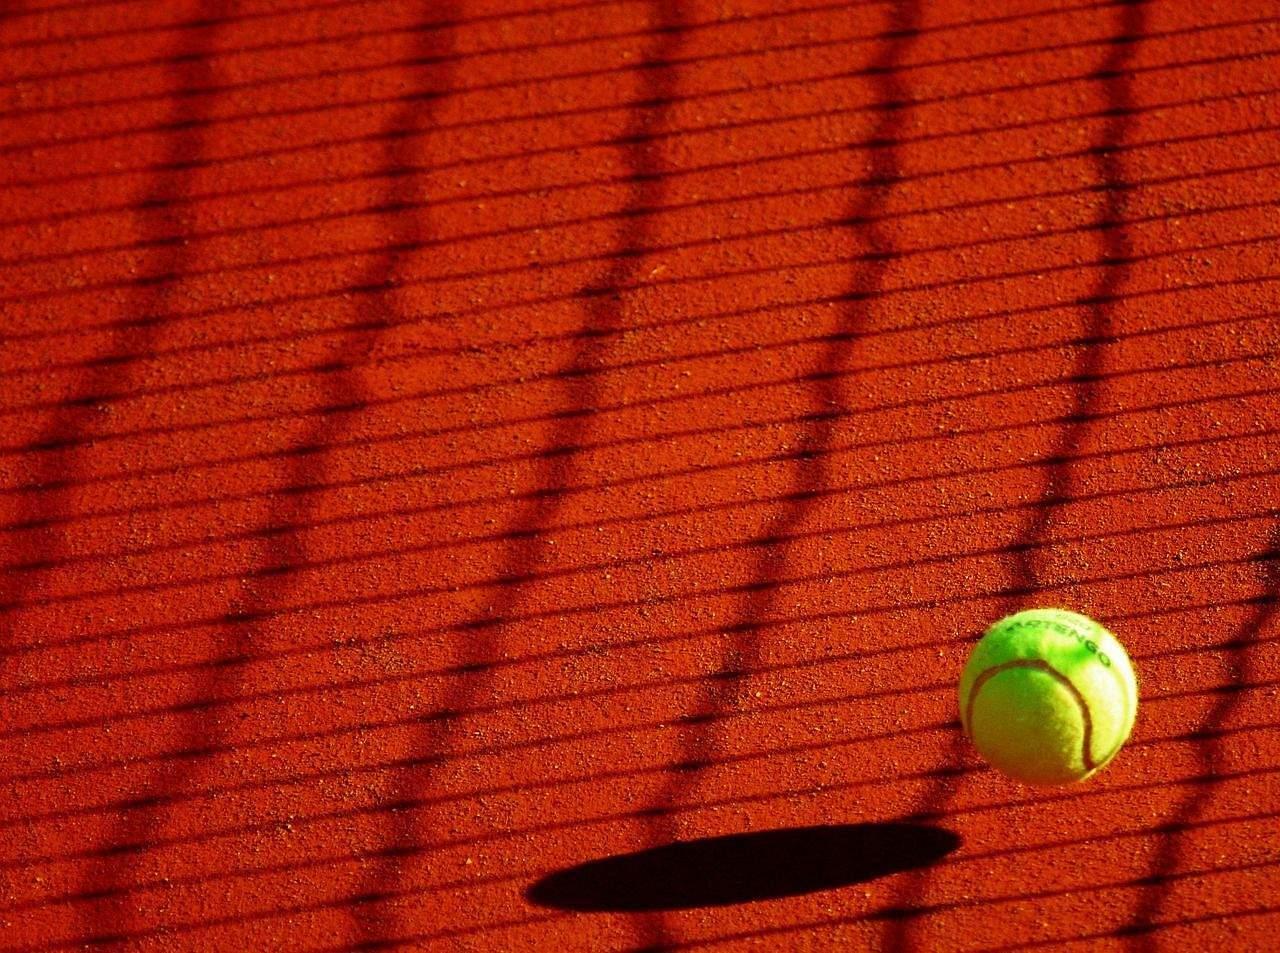 Nu mai bine ne uităm la tenis?